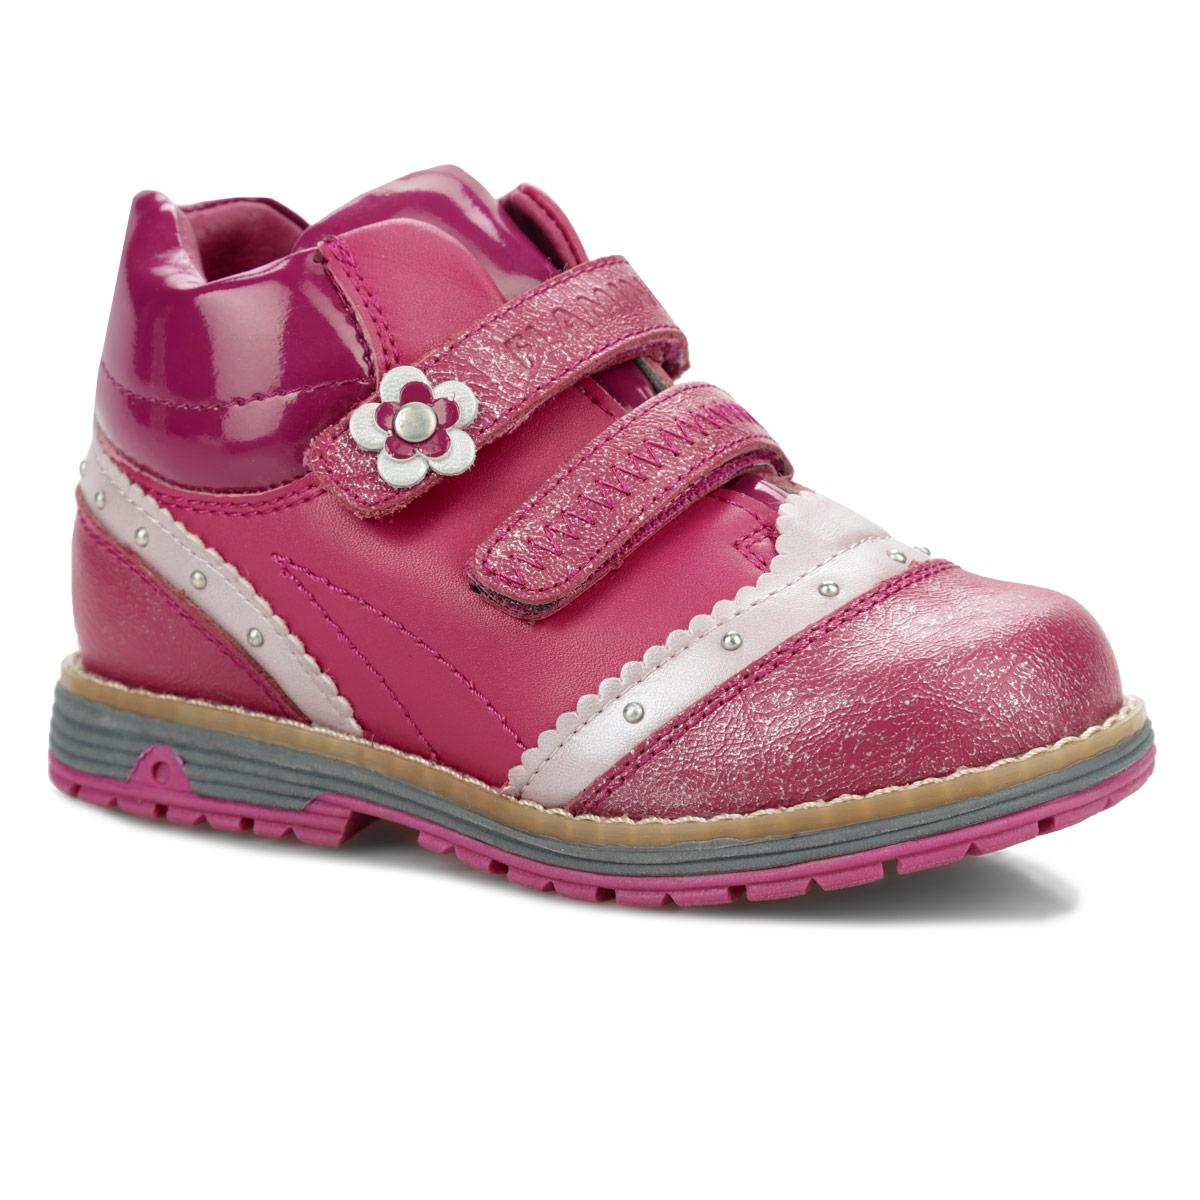 52-CB308Модные ботинки от Flamingo придутся по душе вашей дочурке! Модель изготовлена из натуральной кожи со вставками из искусственной лаковой кожи. Обувь оформлена бусинами, волнообразной окантовкой, по ранту - крупной прострочкой, на верхнем ремешке - аппликацией в виде цветочка. Ремешки с застежками-липучками, расположенные поверх язычка, надежно зафиксируют ногу ребенка. Подкладка и стелька, исполненные из шерстяной байки, согреют ножки в холодную погоду. Невысокий каблук и подошва - с противоскользящим рифлением. Стильные ботинки займут достойное место в гардеробе вашего ребенка.